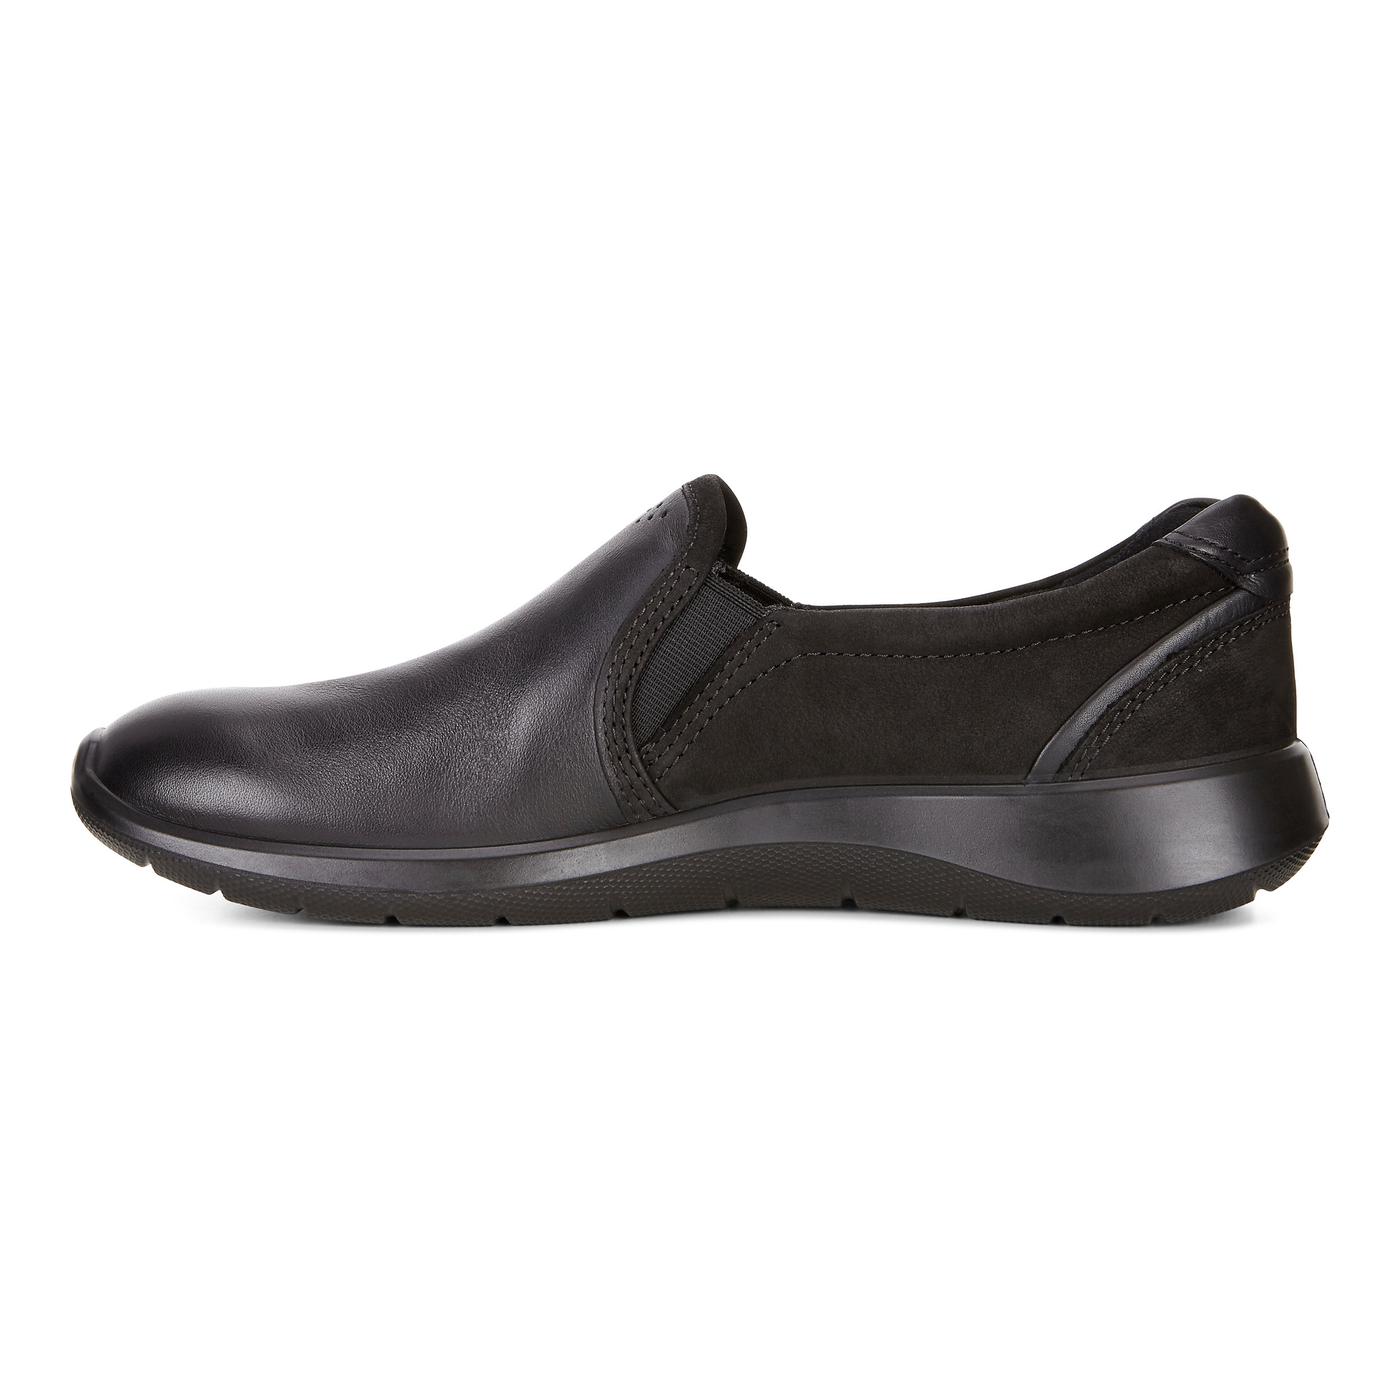 cc06f4de ECCO Soft 5 | Women's Slip On Shoes | ECCO® Shoes